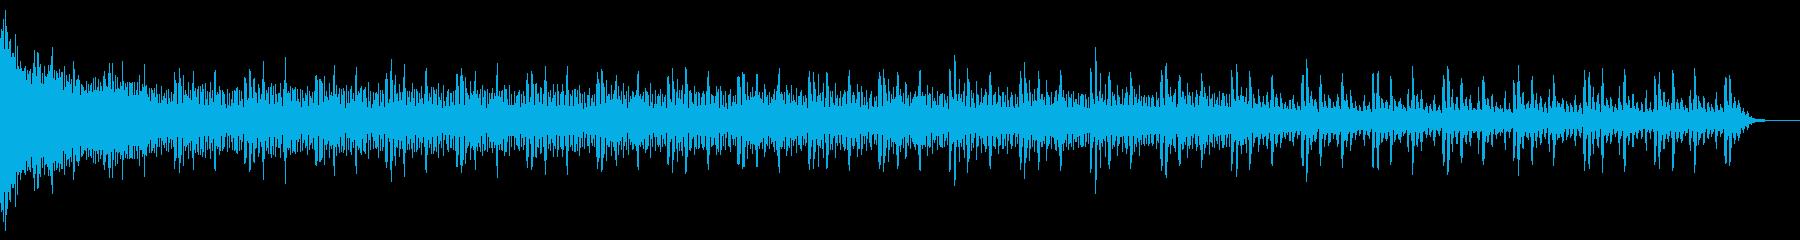 ニュースベッド1の再生済みの波形